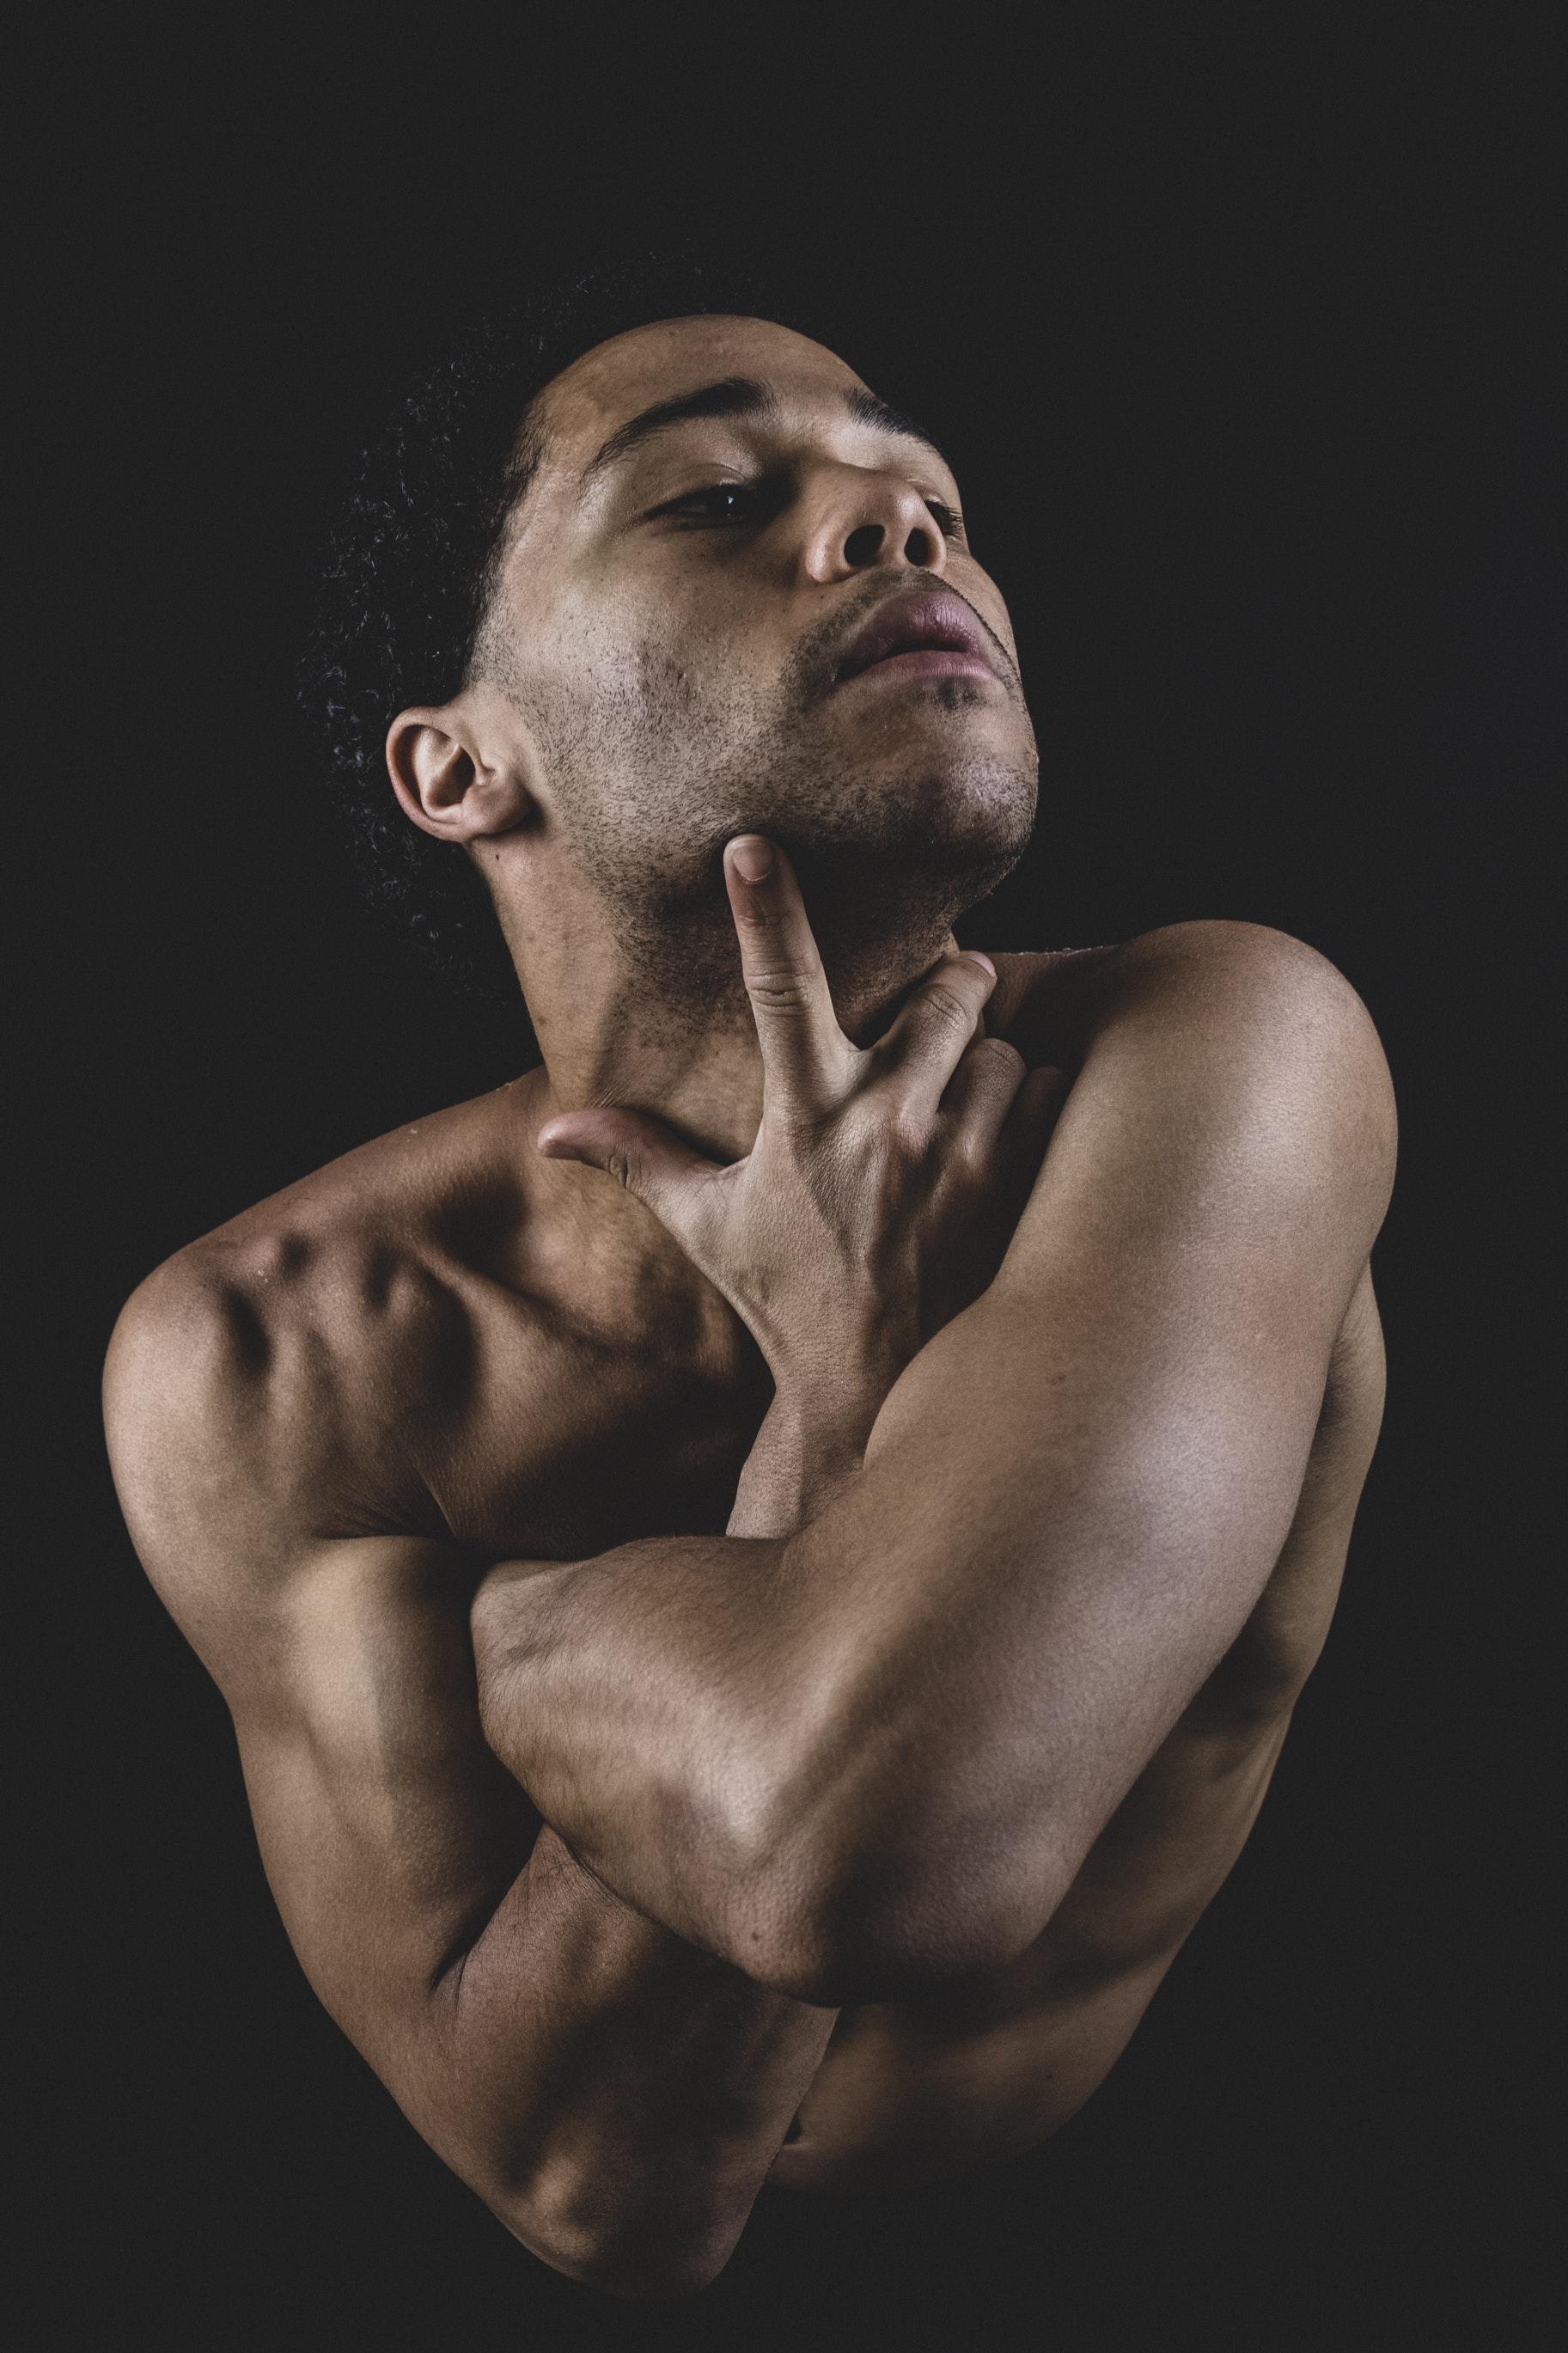 abs-biceps-black-background-1922039.jpg